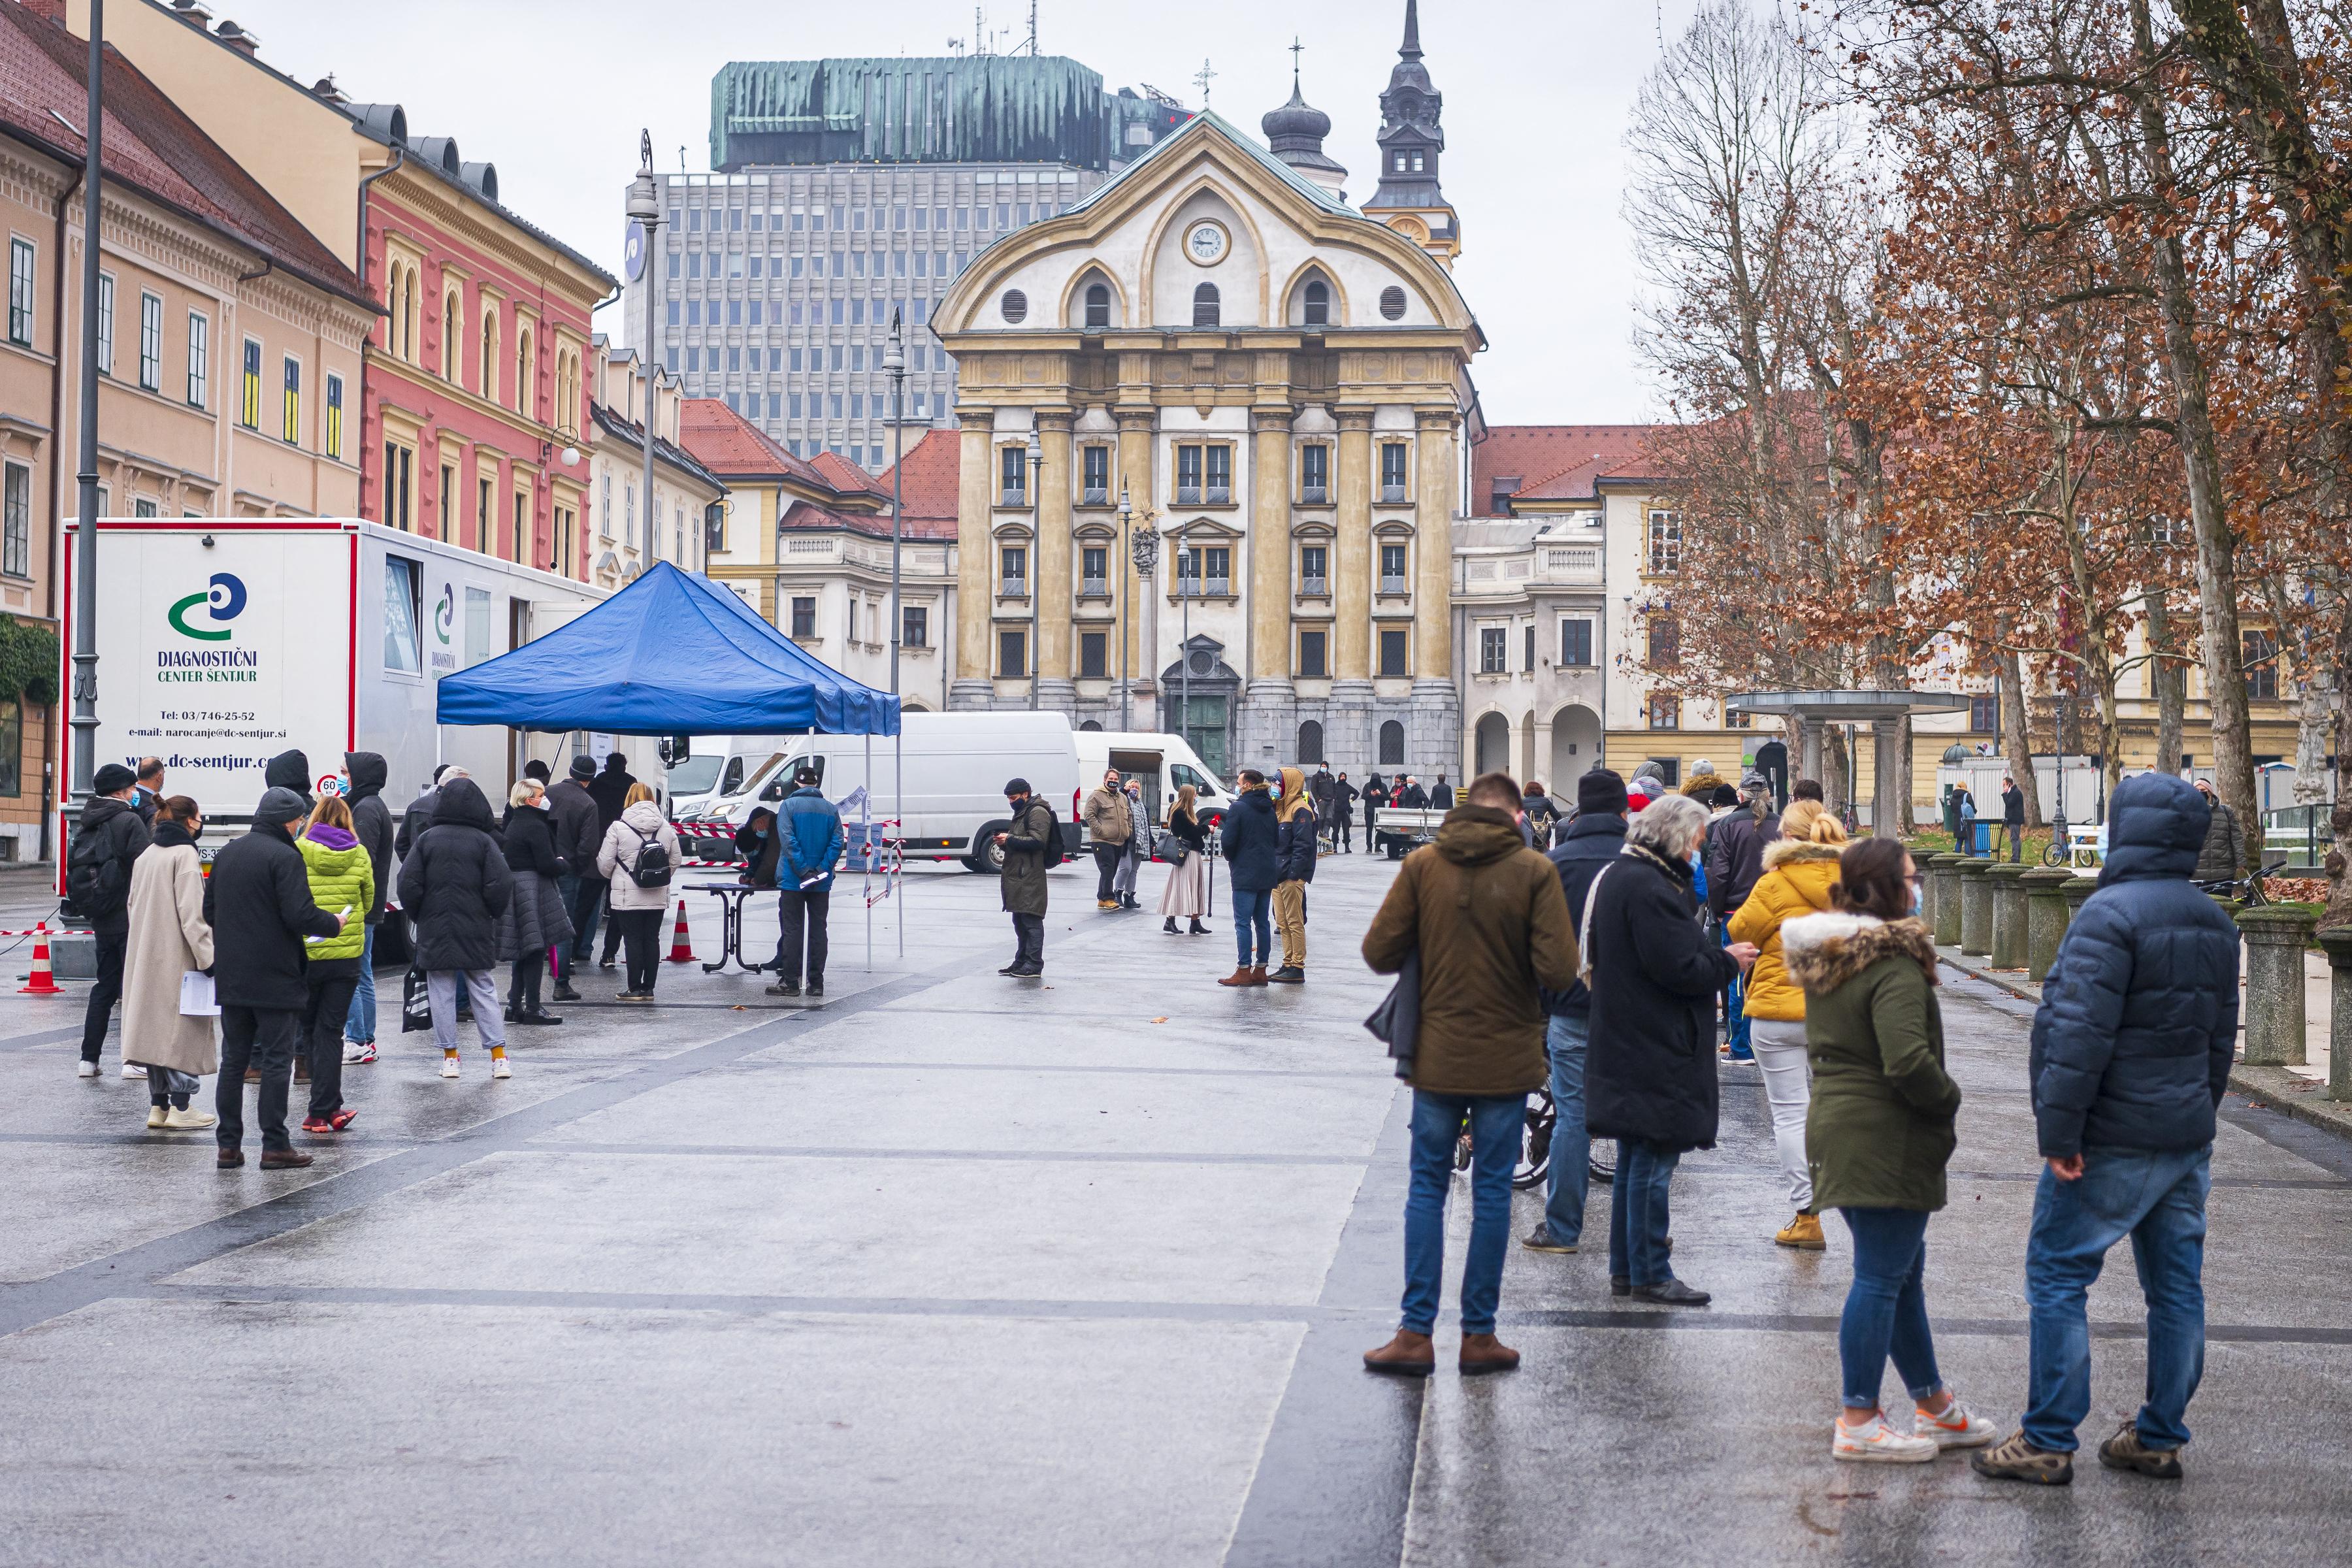 Kötelező lesz az oltás az állami hivatalok dolgozóinak Szlovéniában